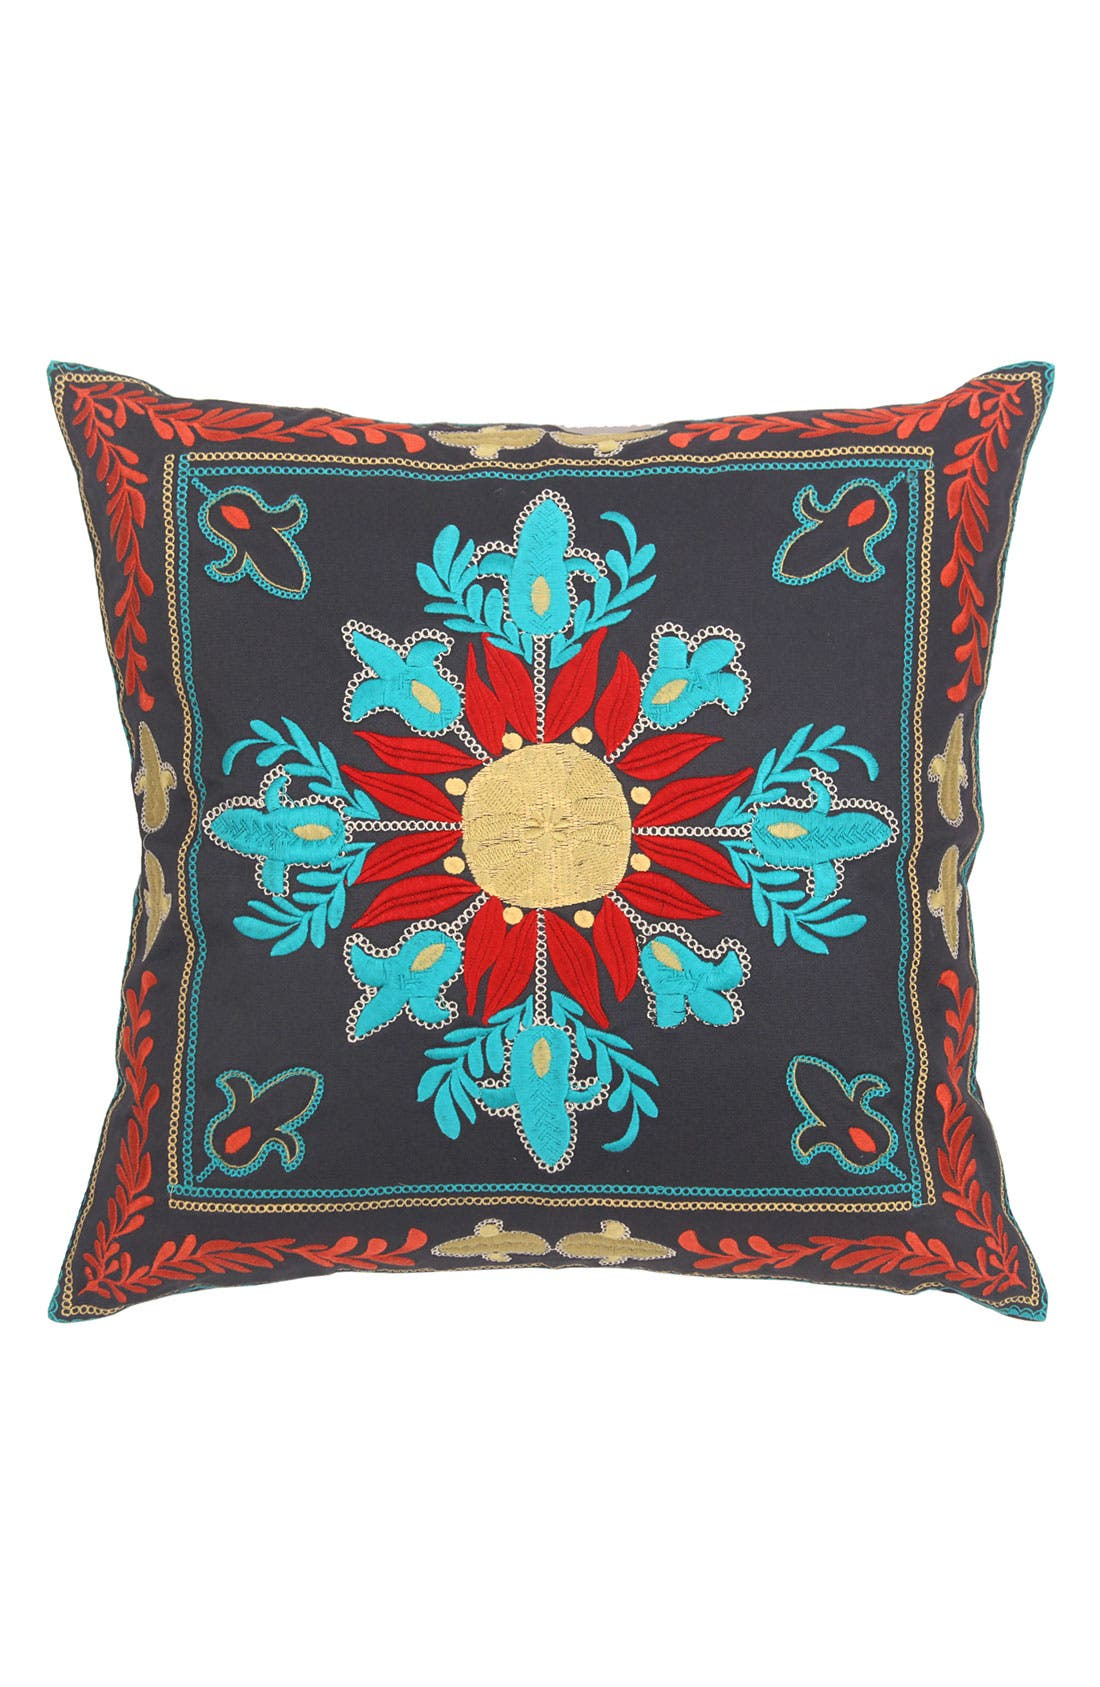 Alternate Image 1 Selected - Blissliving Home 'Samsara' Pillow